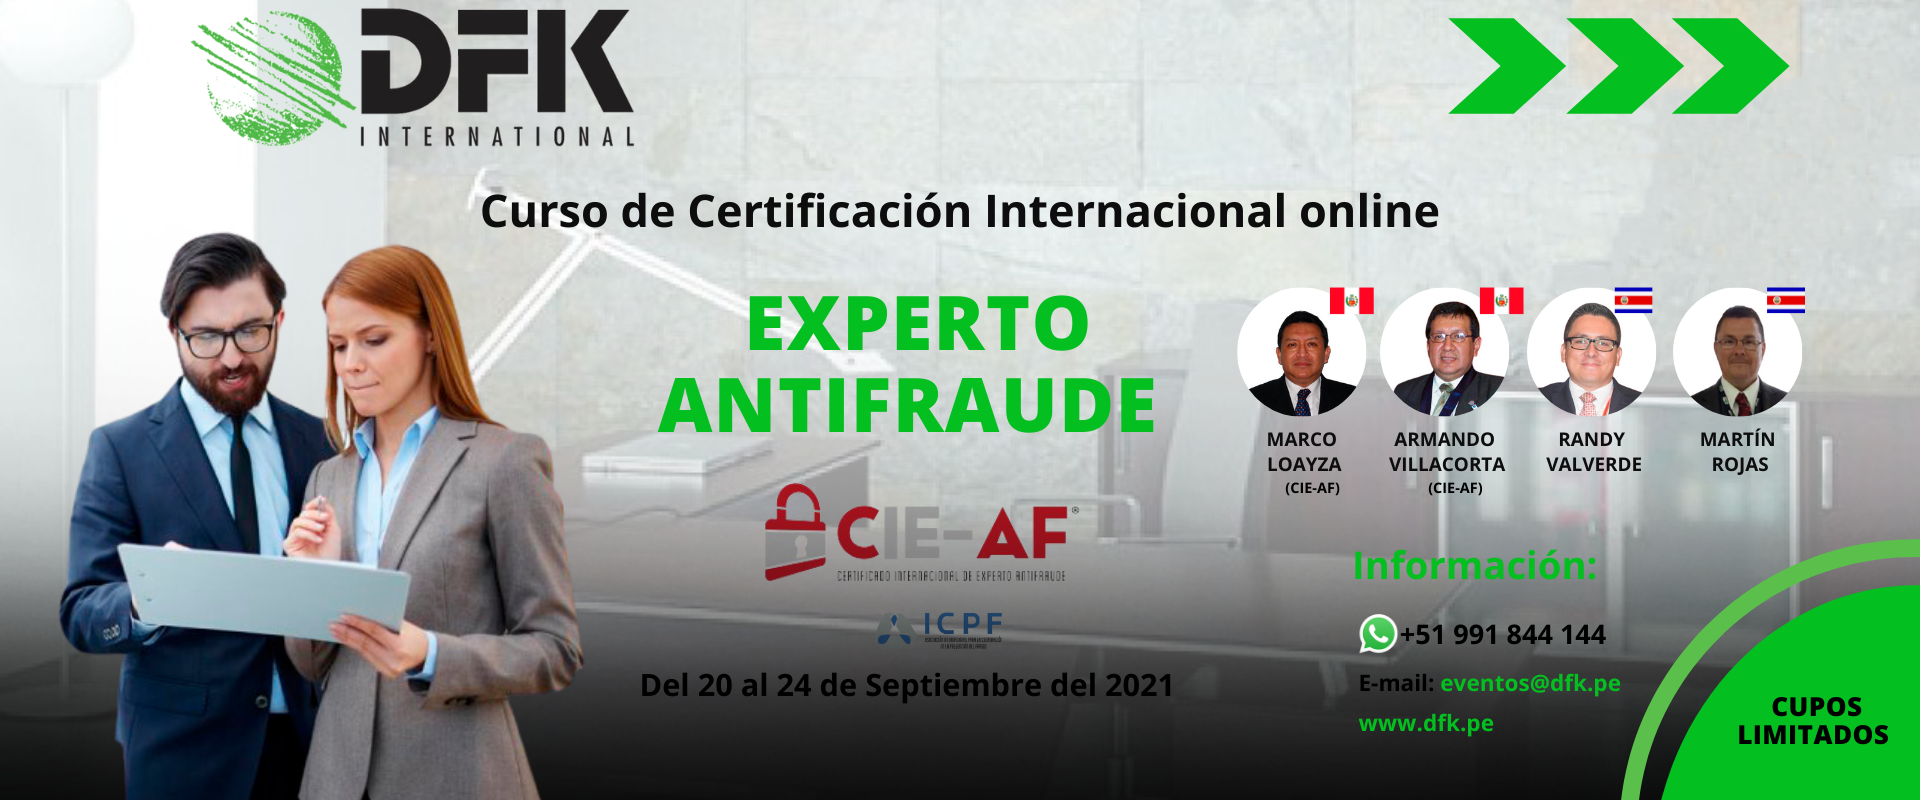 Curso Certificado Internacional de Experto Antifraude (CIEAF) Online WEB